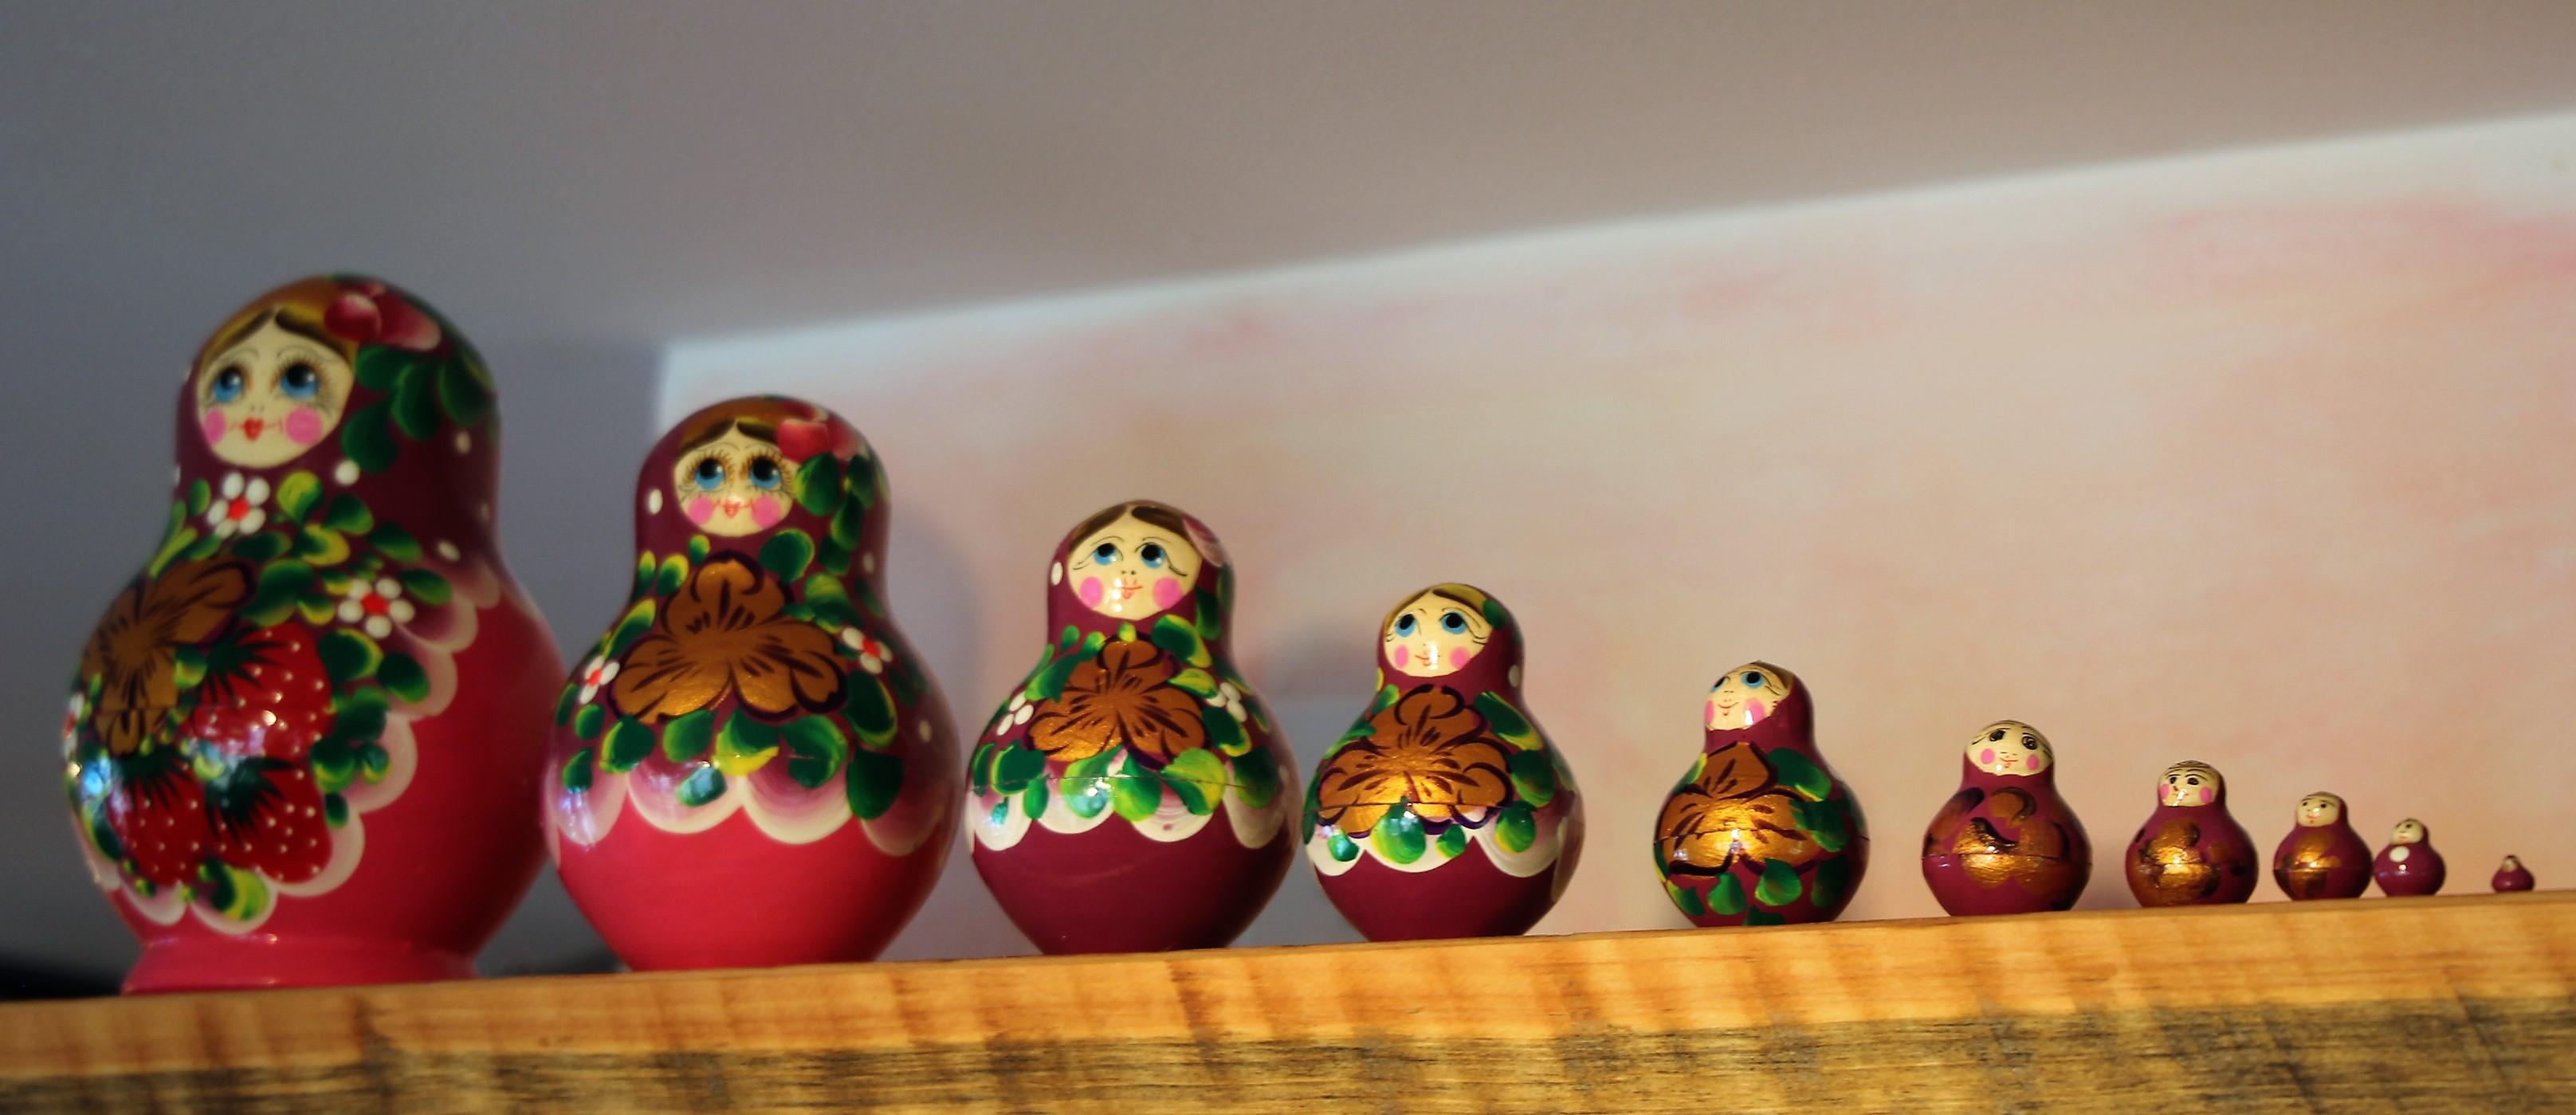 animal russian dolls boutique pichenotte